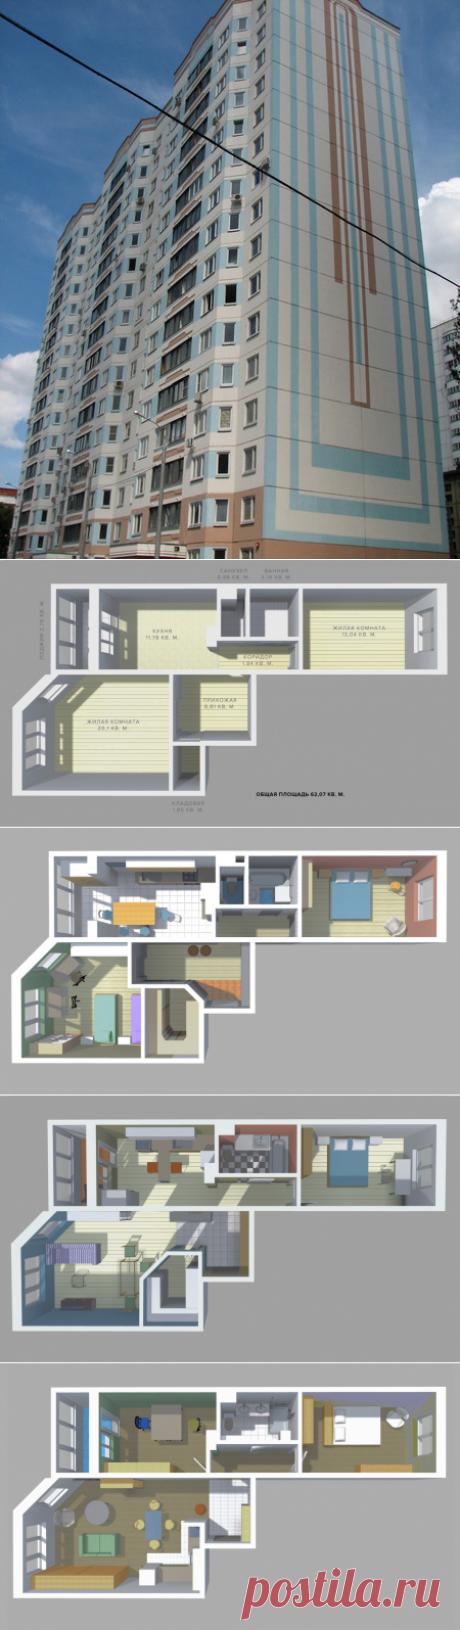 Перепланировка двушки: дизайнерский подход — Наши дома